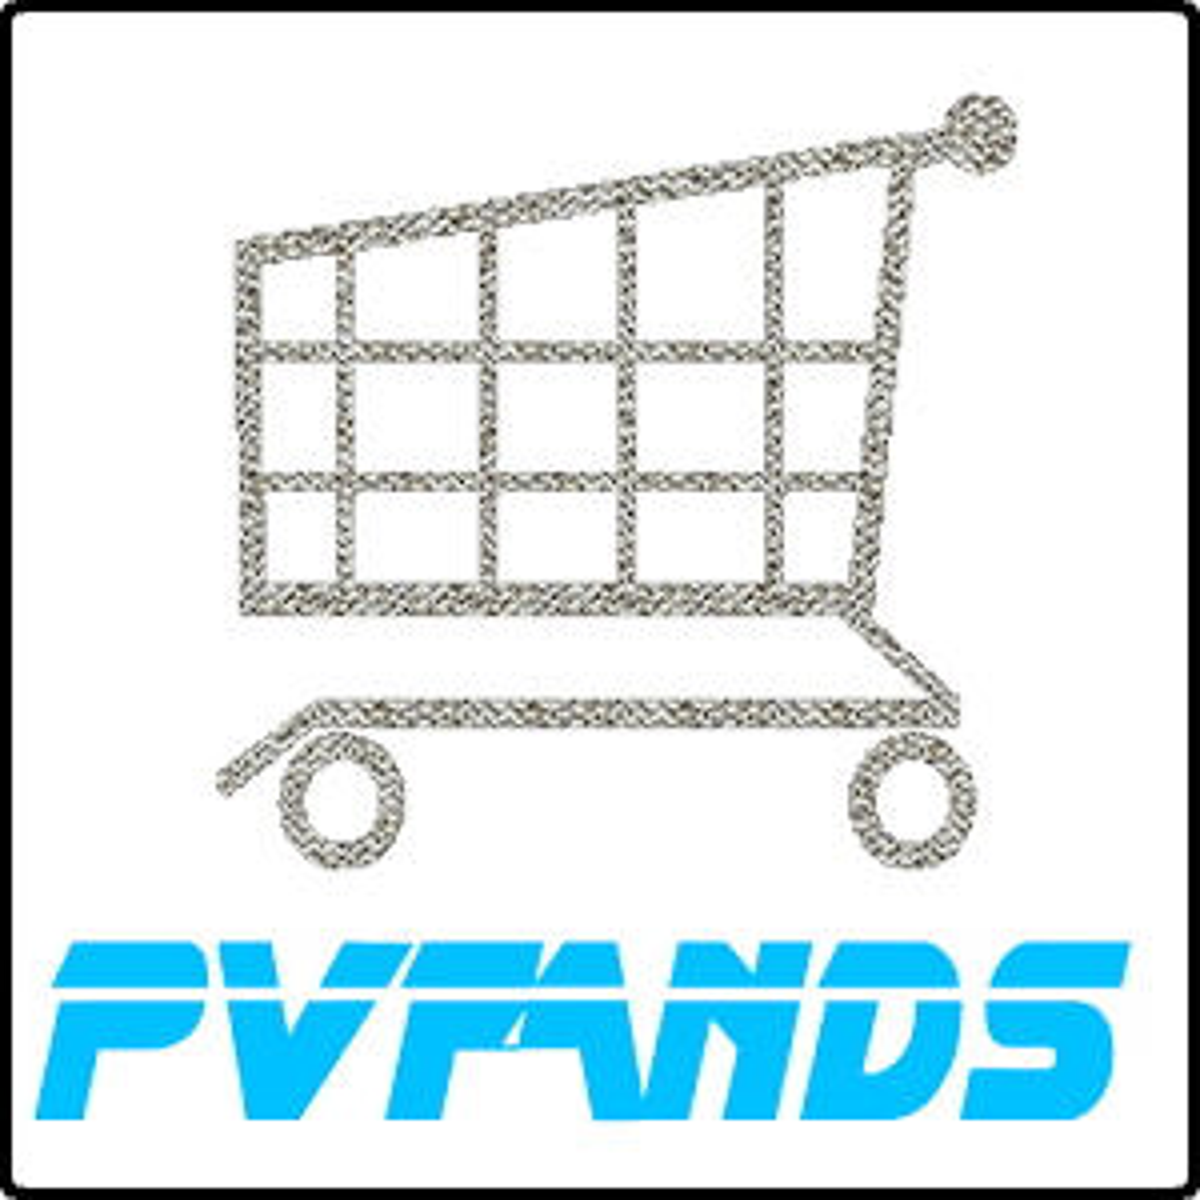 PVFANDS